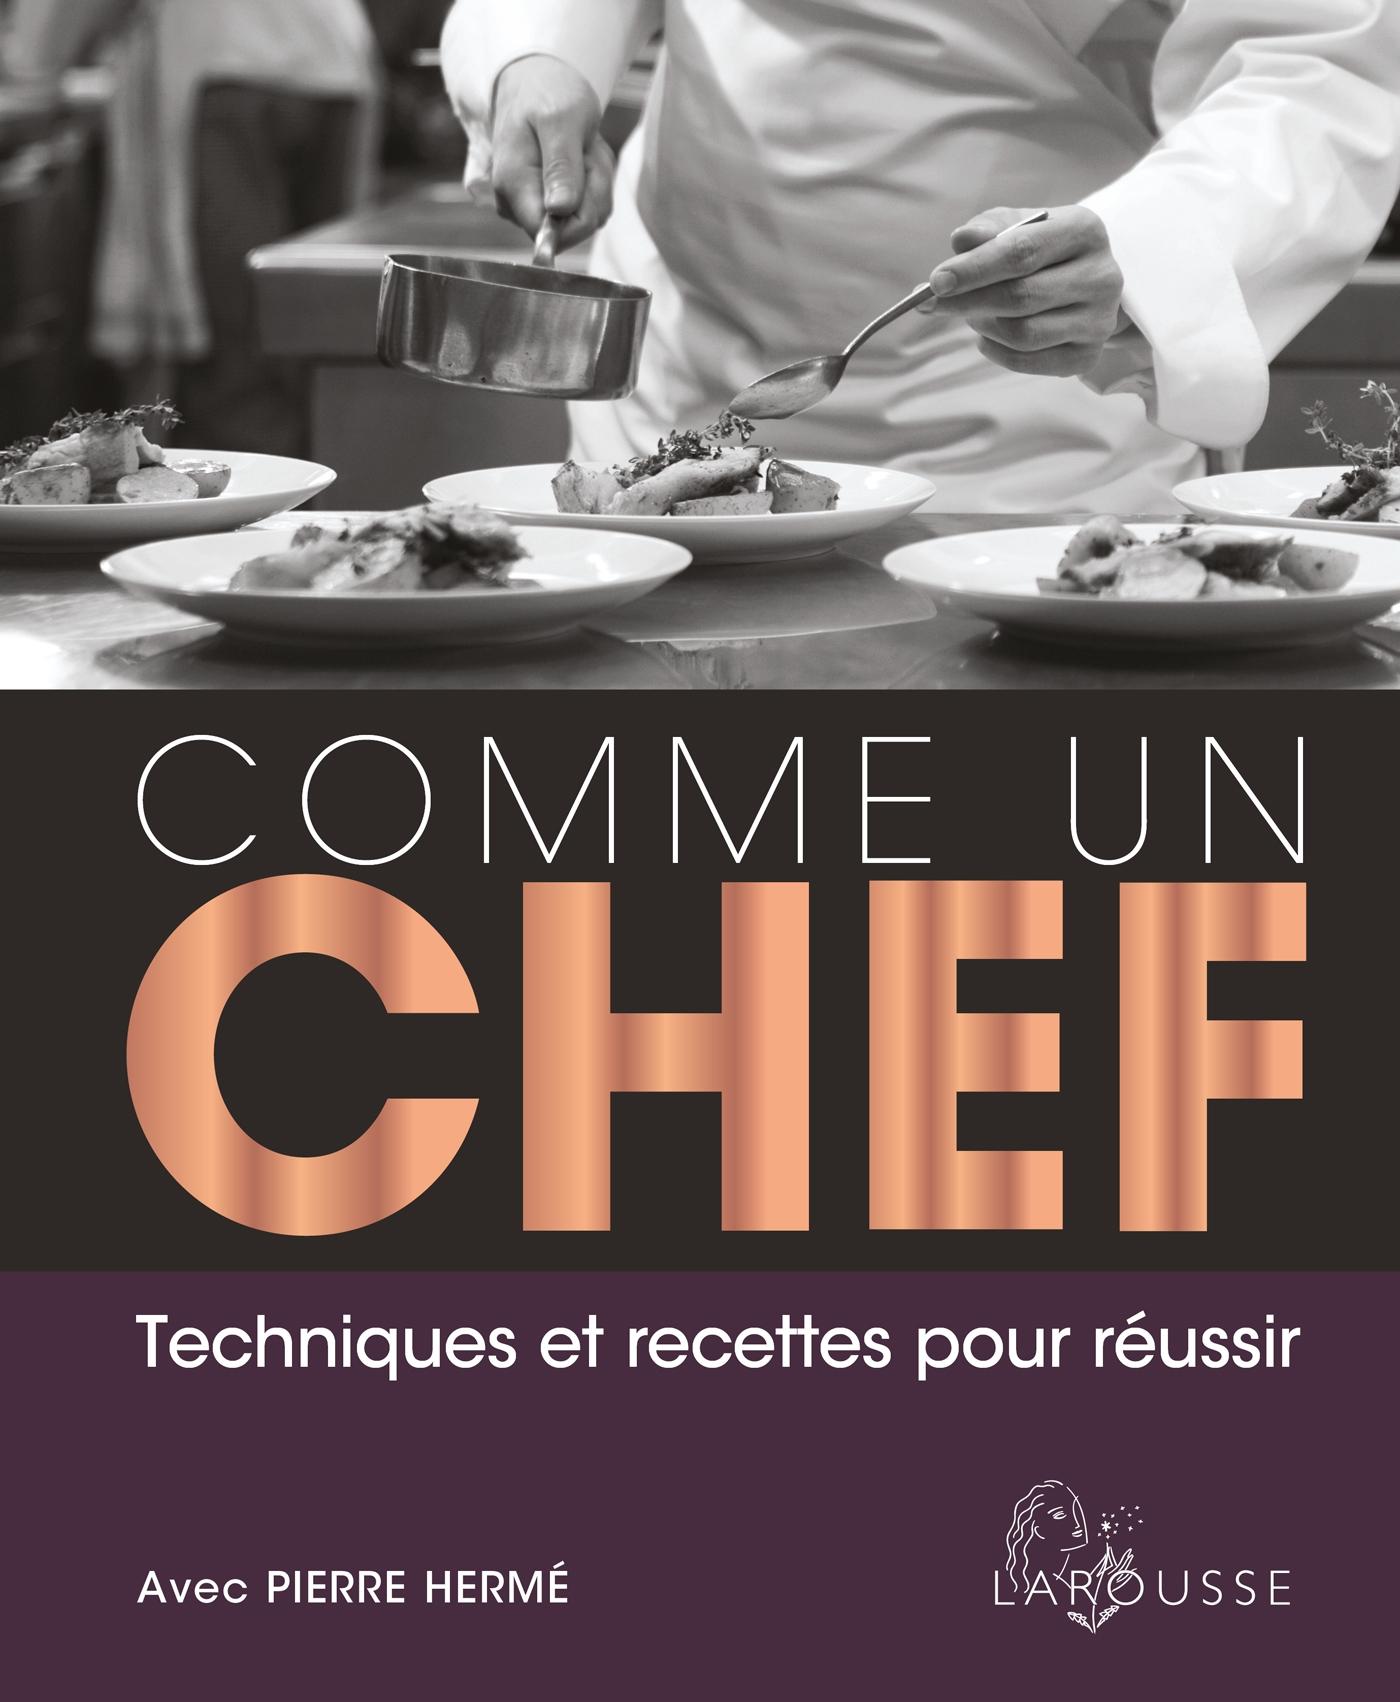 Comme un chef hd - Cuisine comme un chef ...